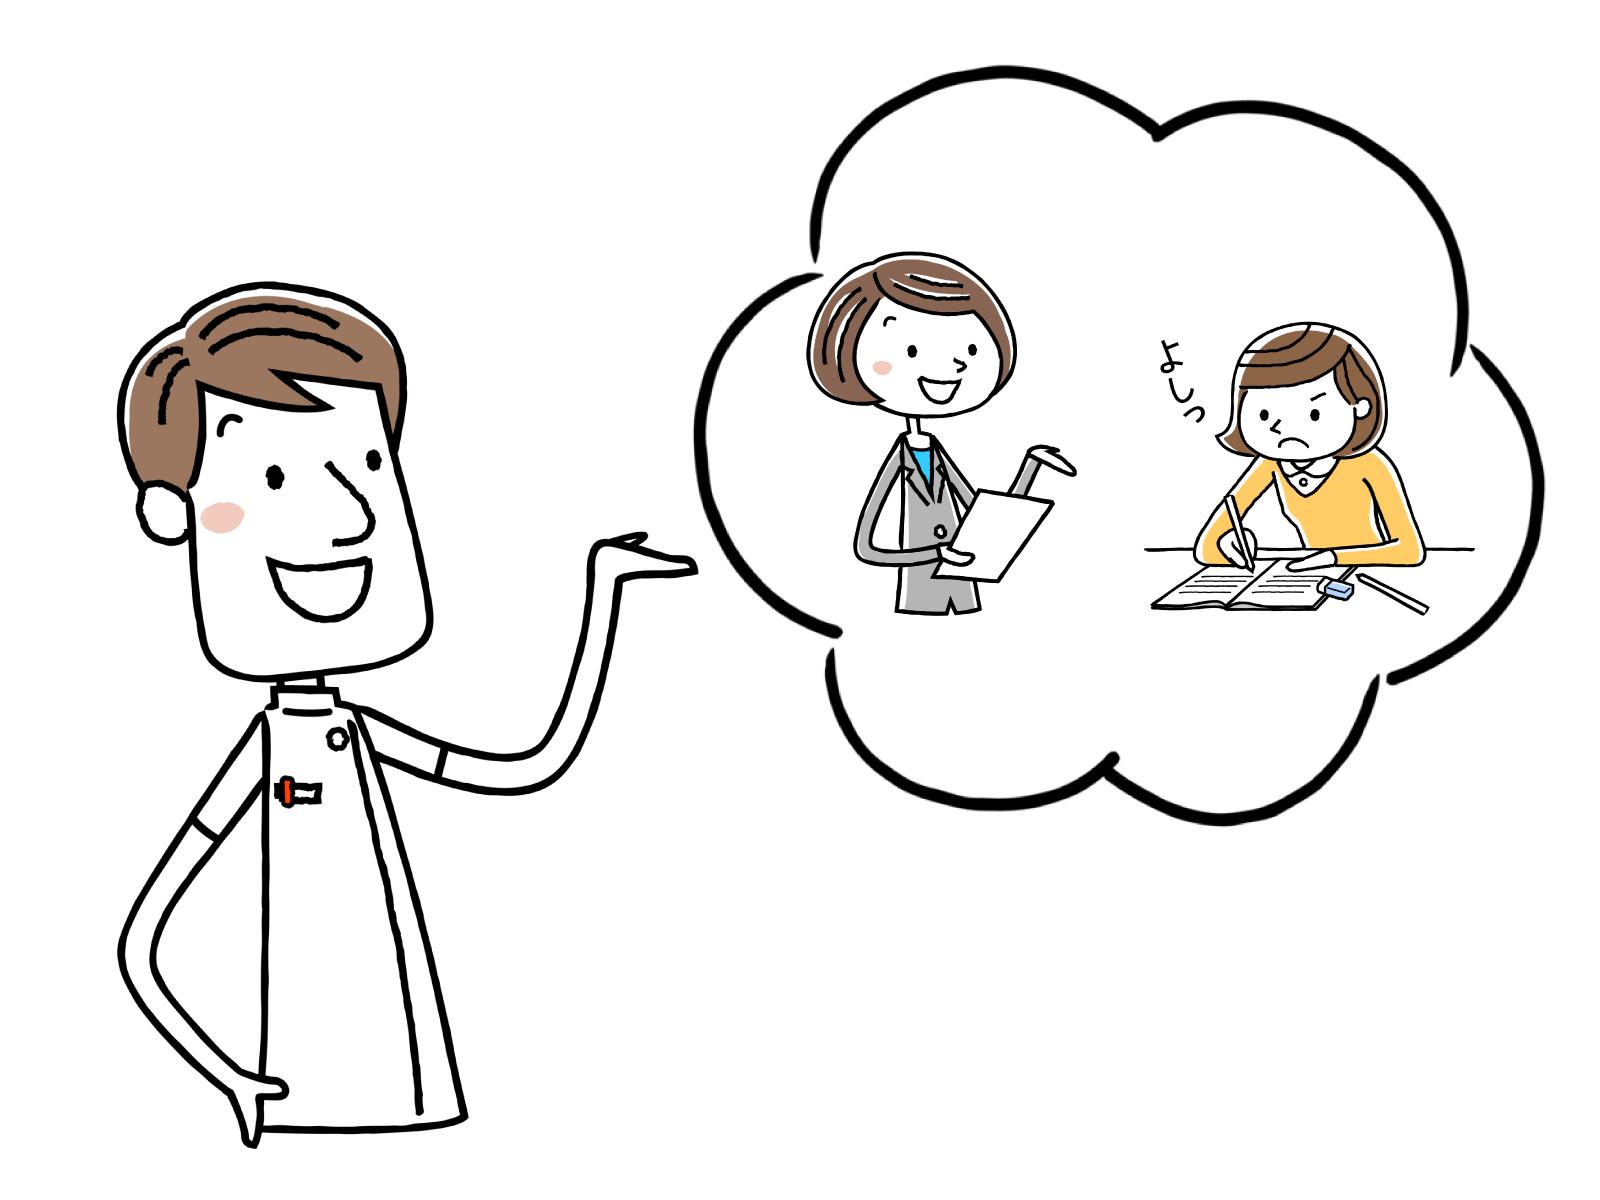 介護関係の資格取得のための支援制度についてのイメージイラスト